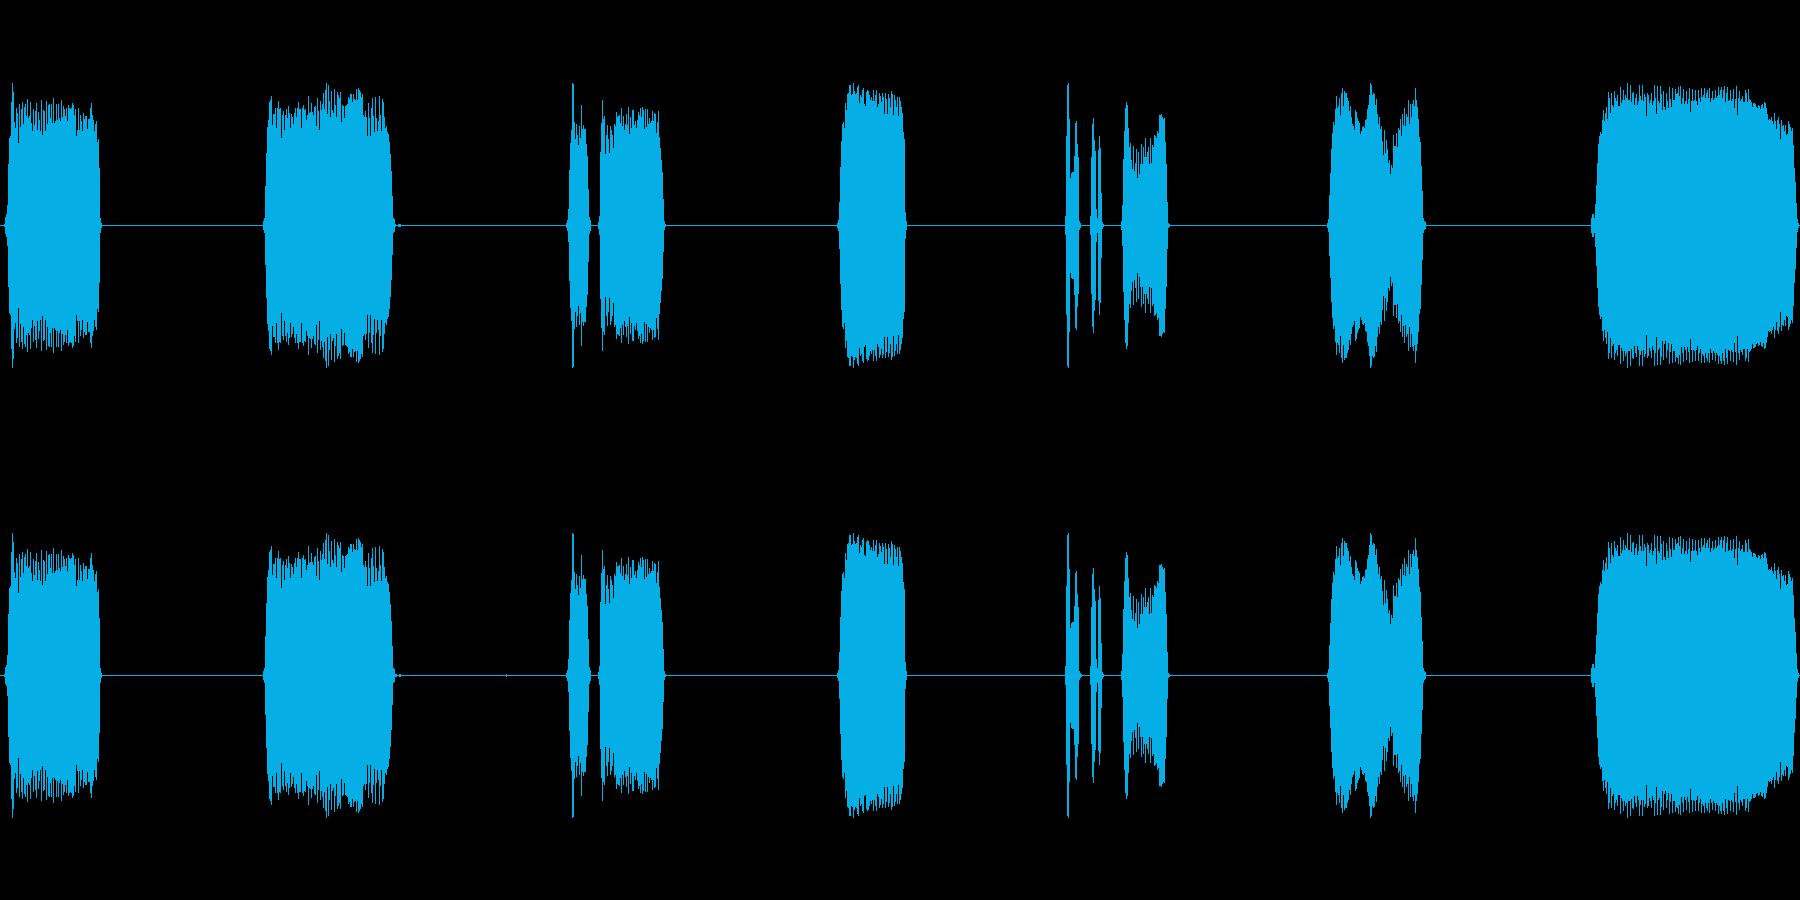 ホイッスルフィールドマルチwavの再生済みの波形